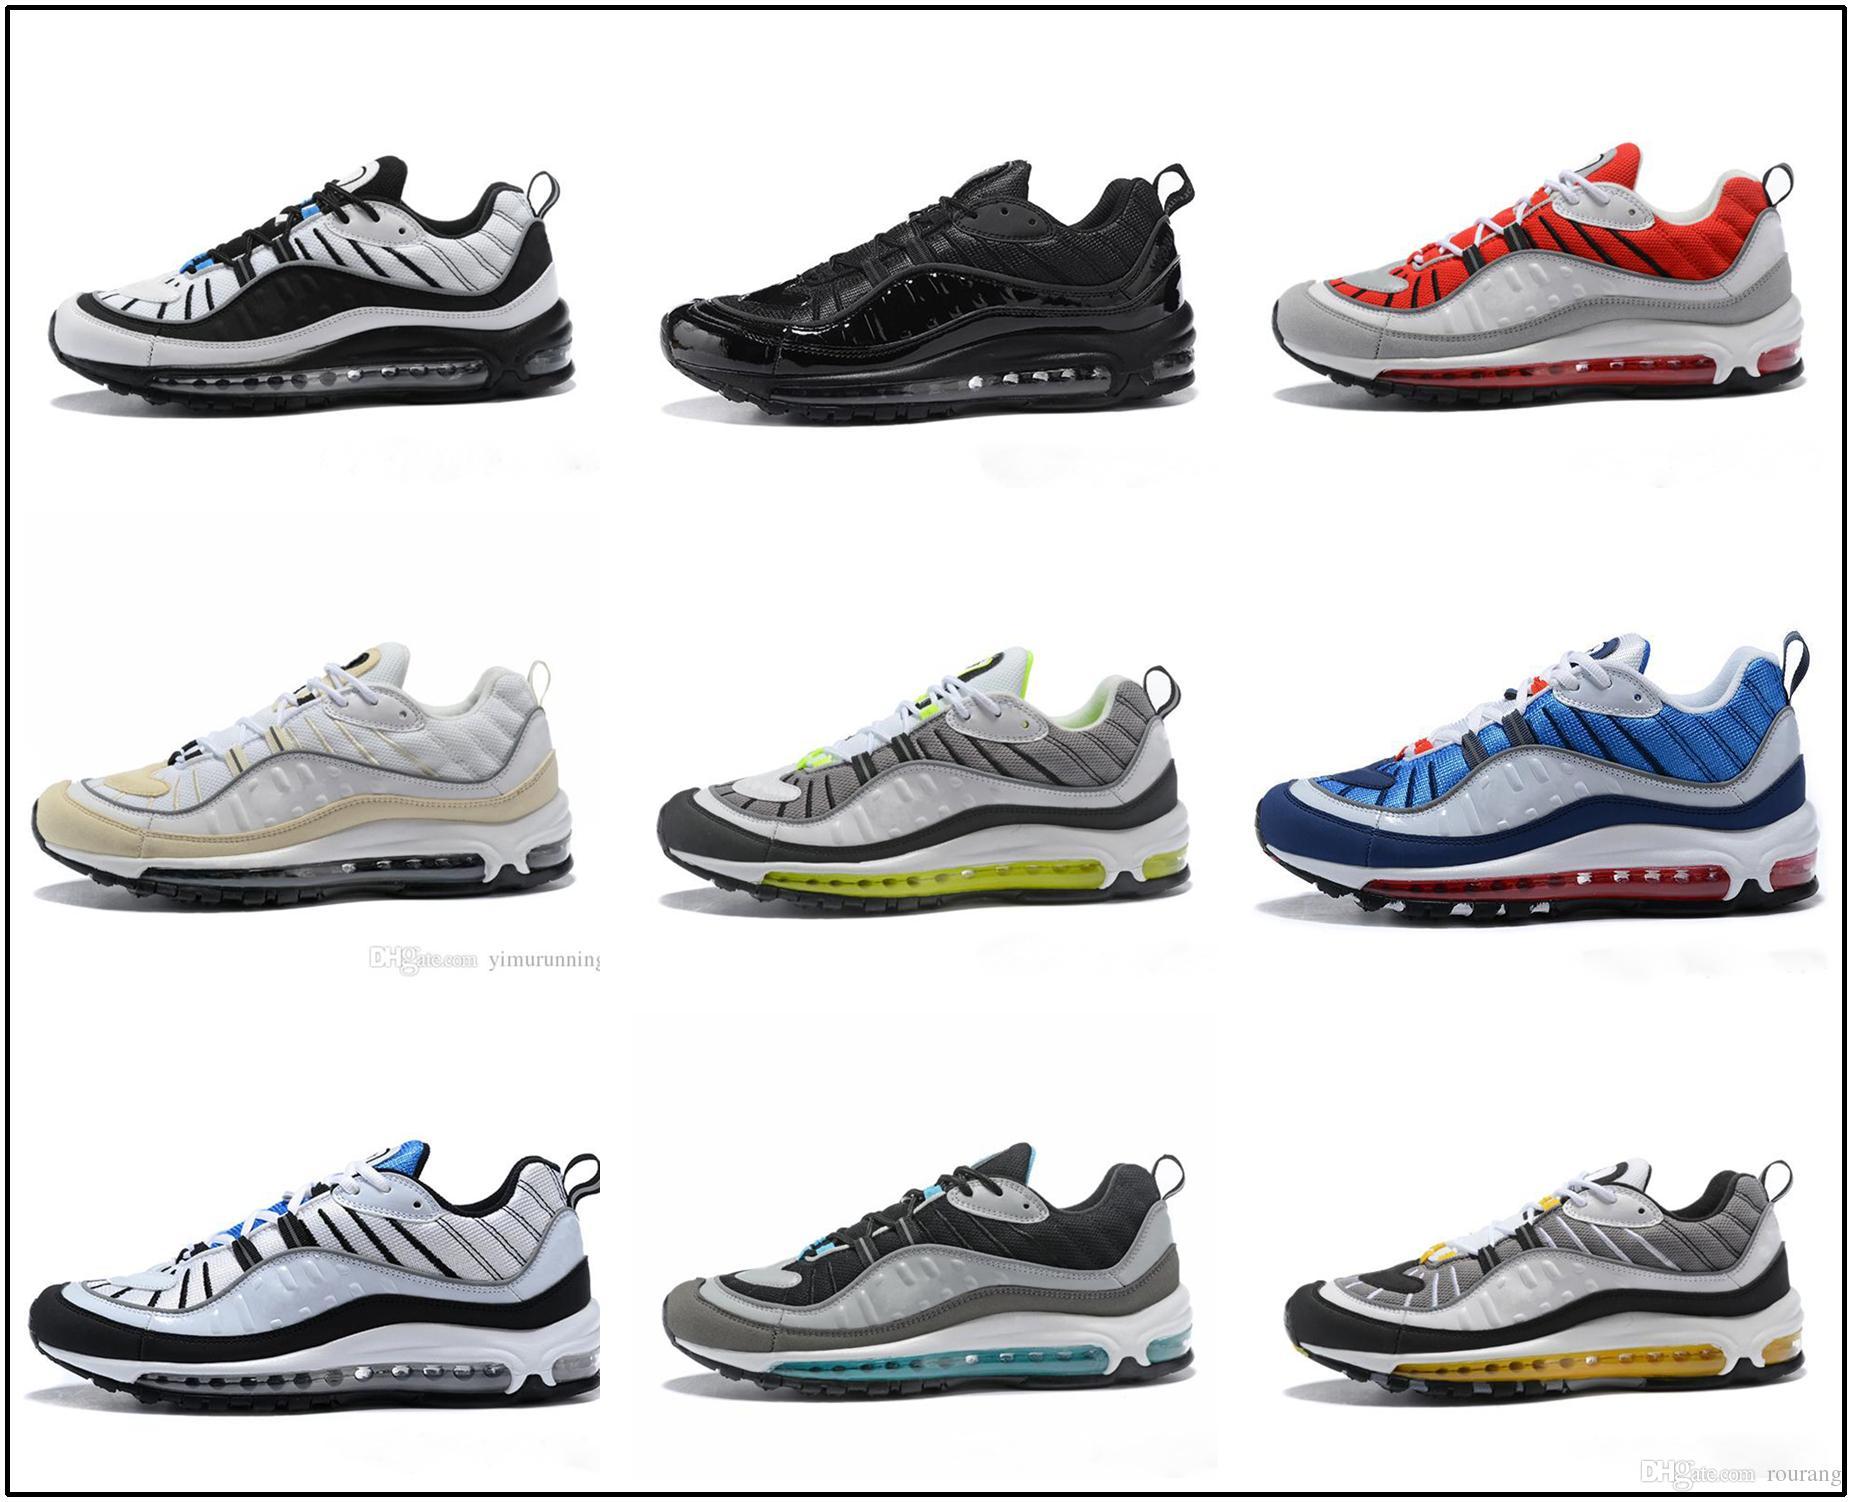 6addd1db Compre Nike Air Max Airmax 98 Nuevo Llegado 98 Gundam Tour Zapatillas  Zapatillas Hombre Aniversario 98 OG Luminoso NUEVO 98s Zapatos Baratos  Auténticos 40 ...